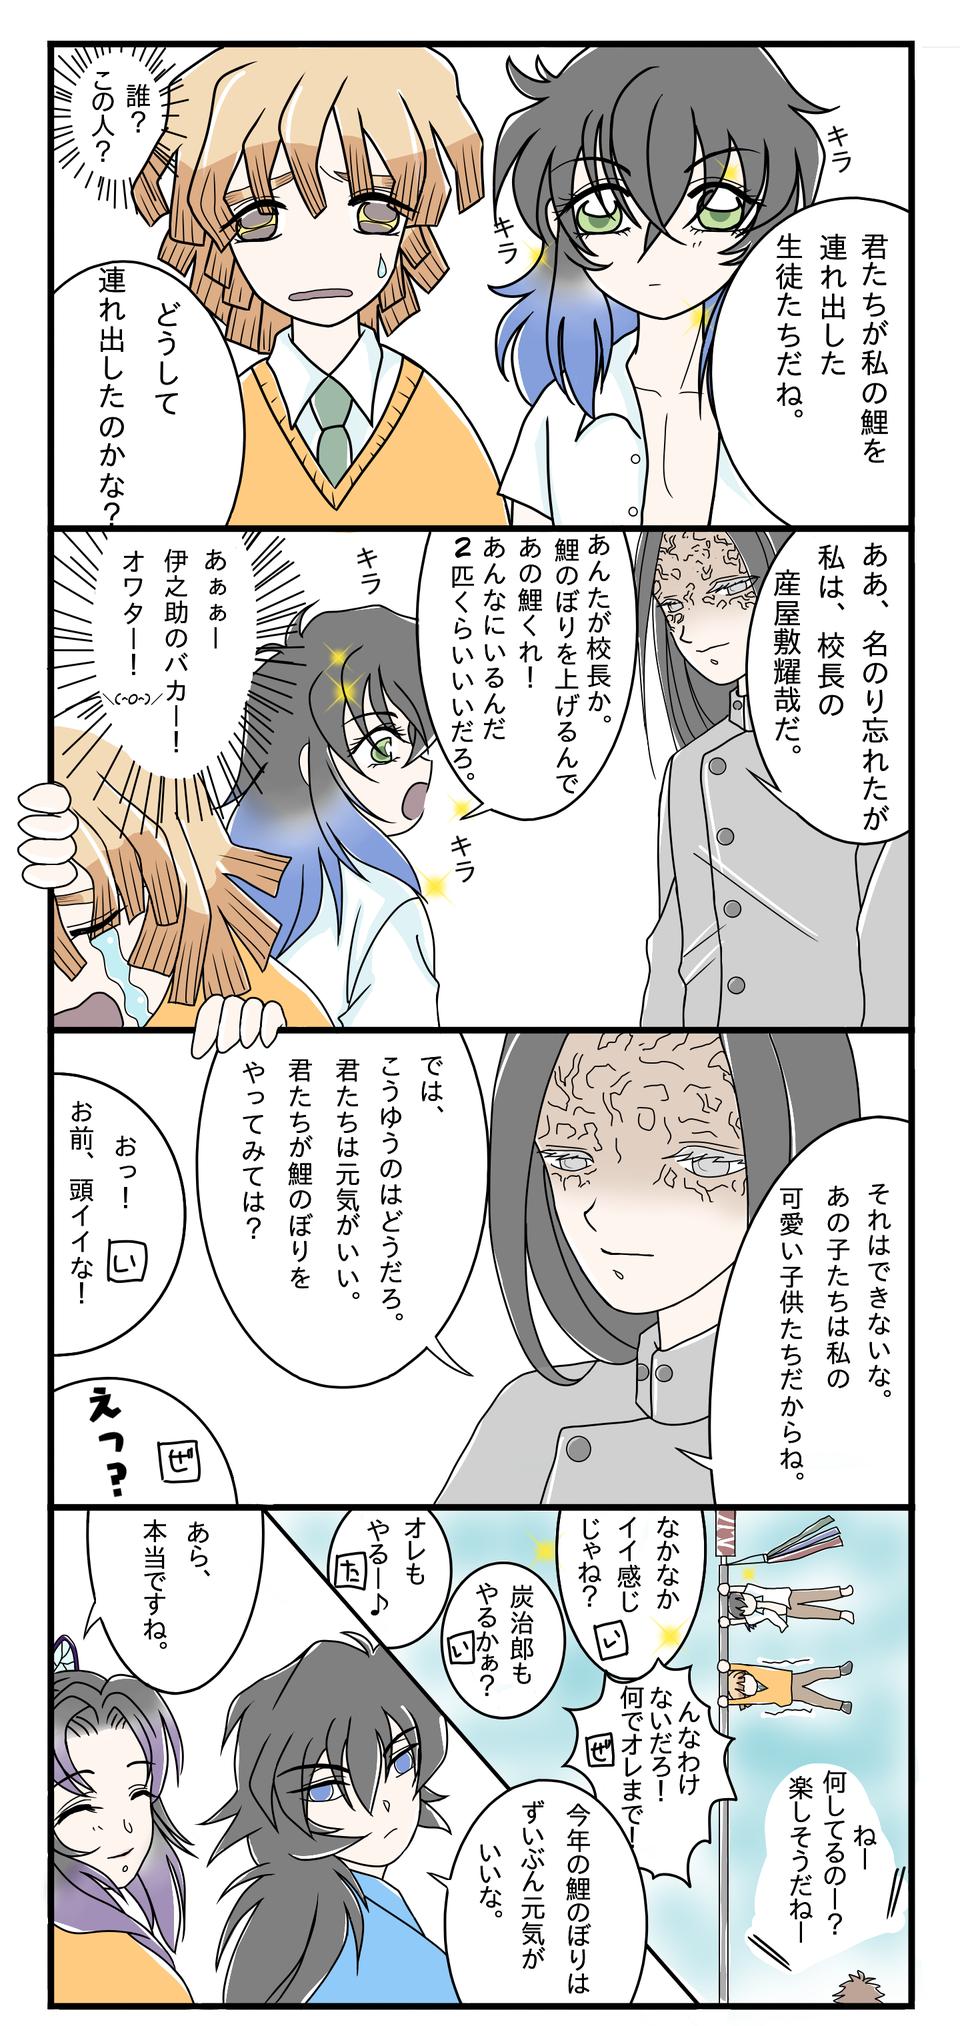 「鬼滅ピー園5」四コマ 少しでも楽しくなりますように(*^^*) Illust of りん🌸いつも眠いw medibangpaint